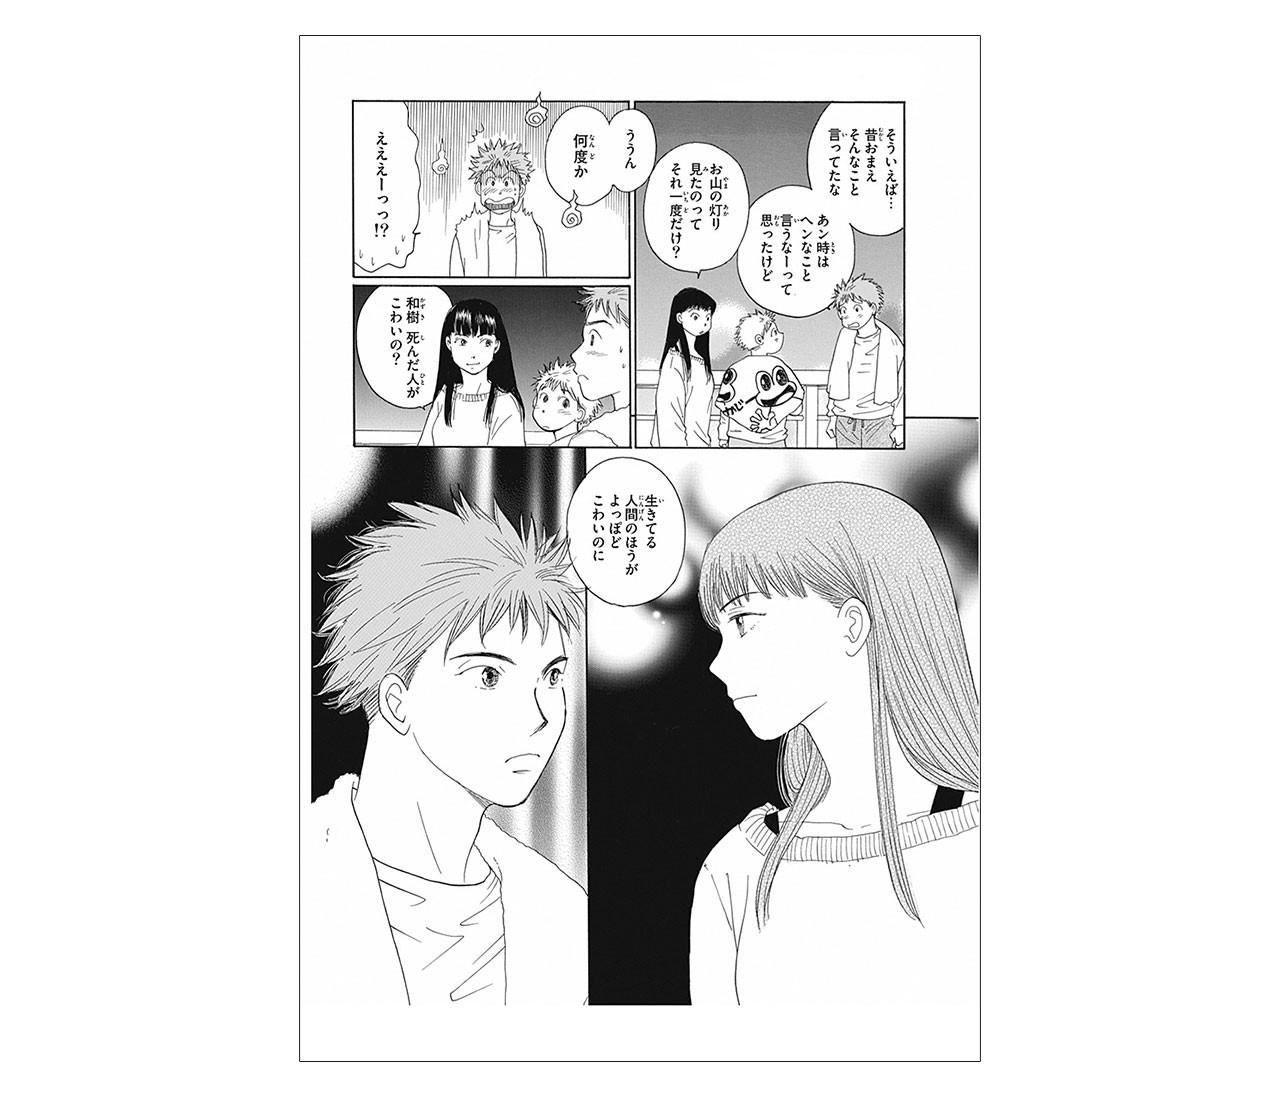 【30代女子のおすすめコミック】吉田秋生の最新作『詩歌川百景』をレビュー